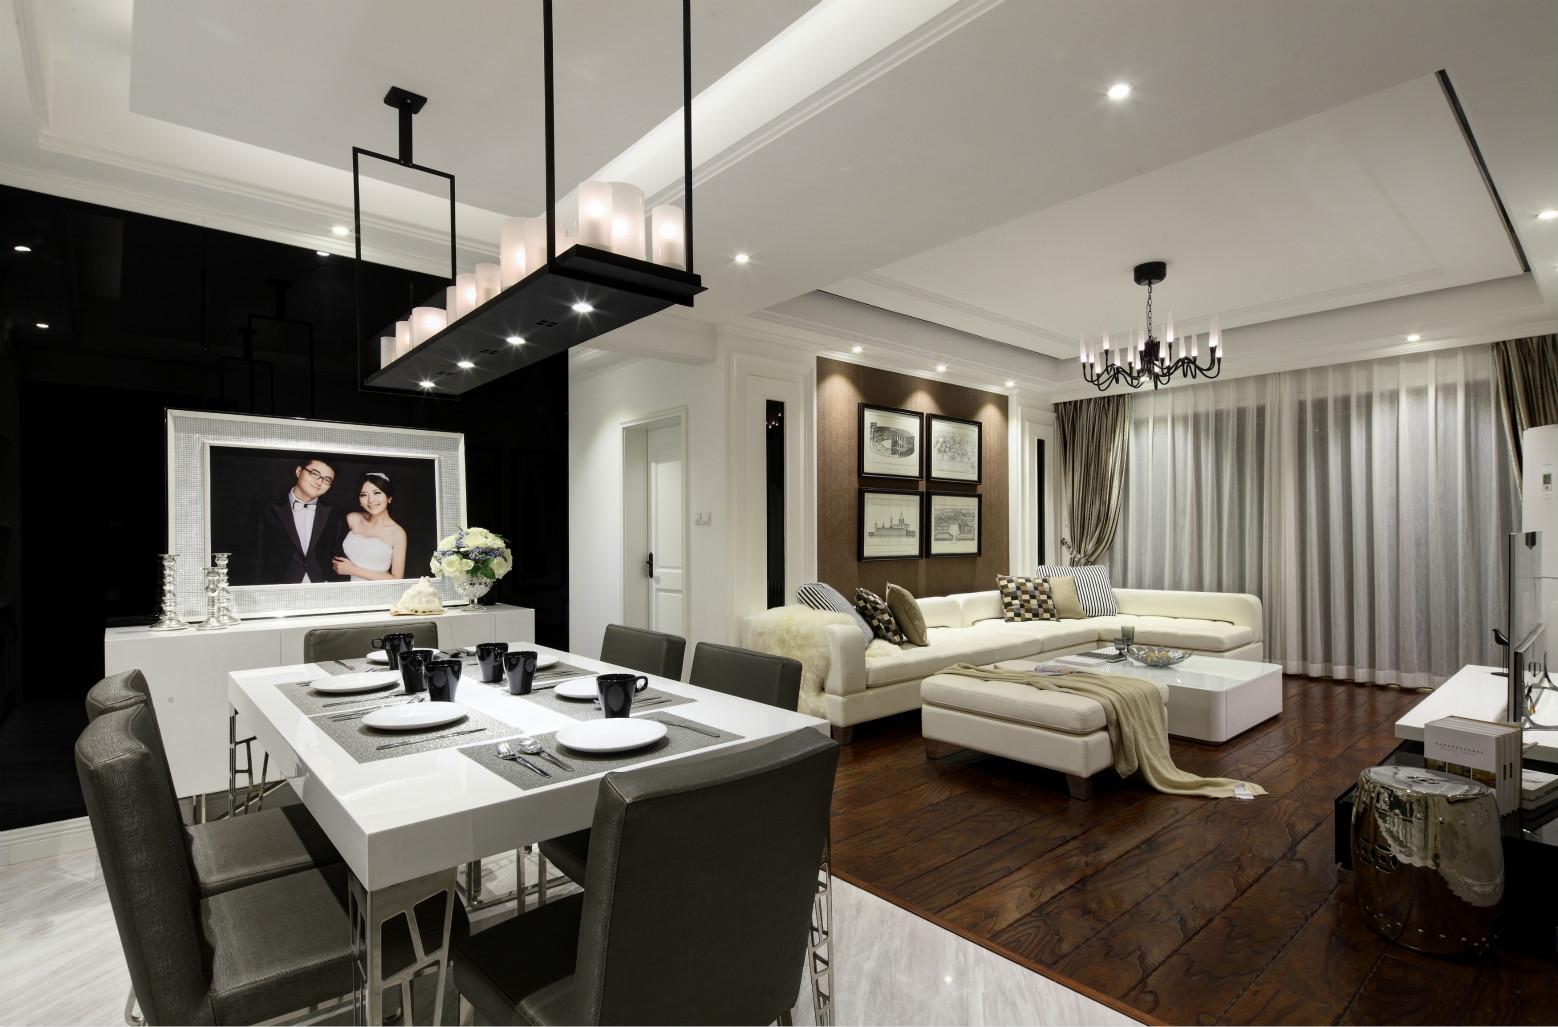 这个角度可以清楚的客厅,餐厅是开方式的,显得空间很大